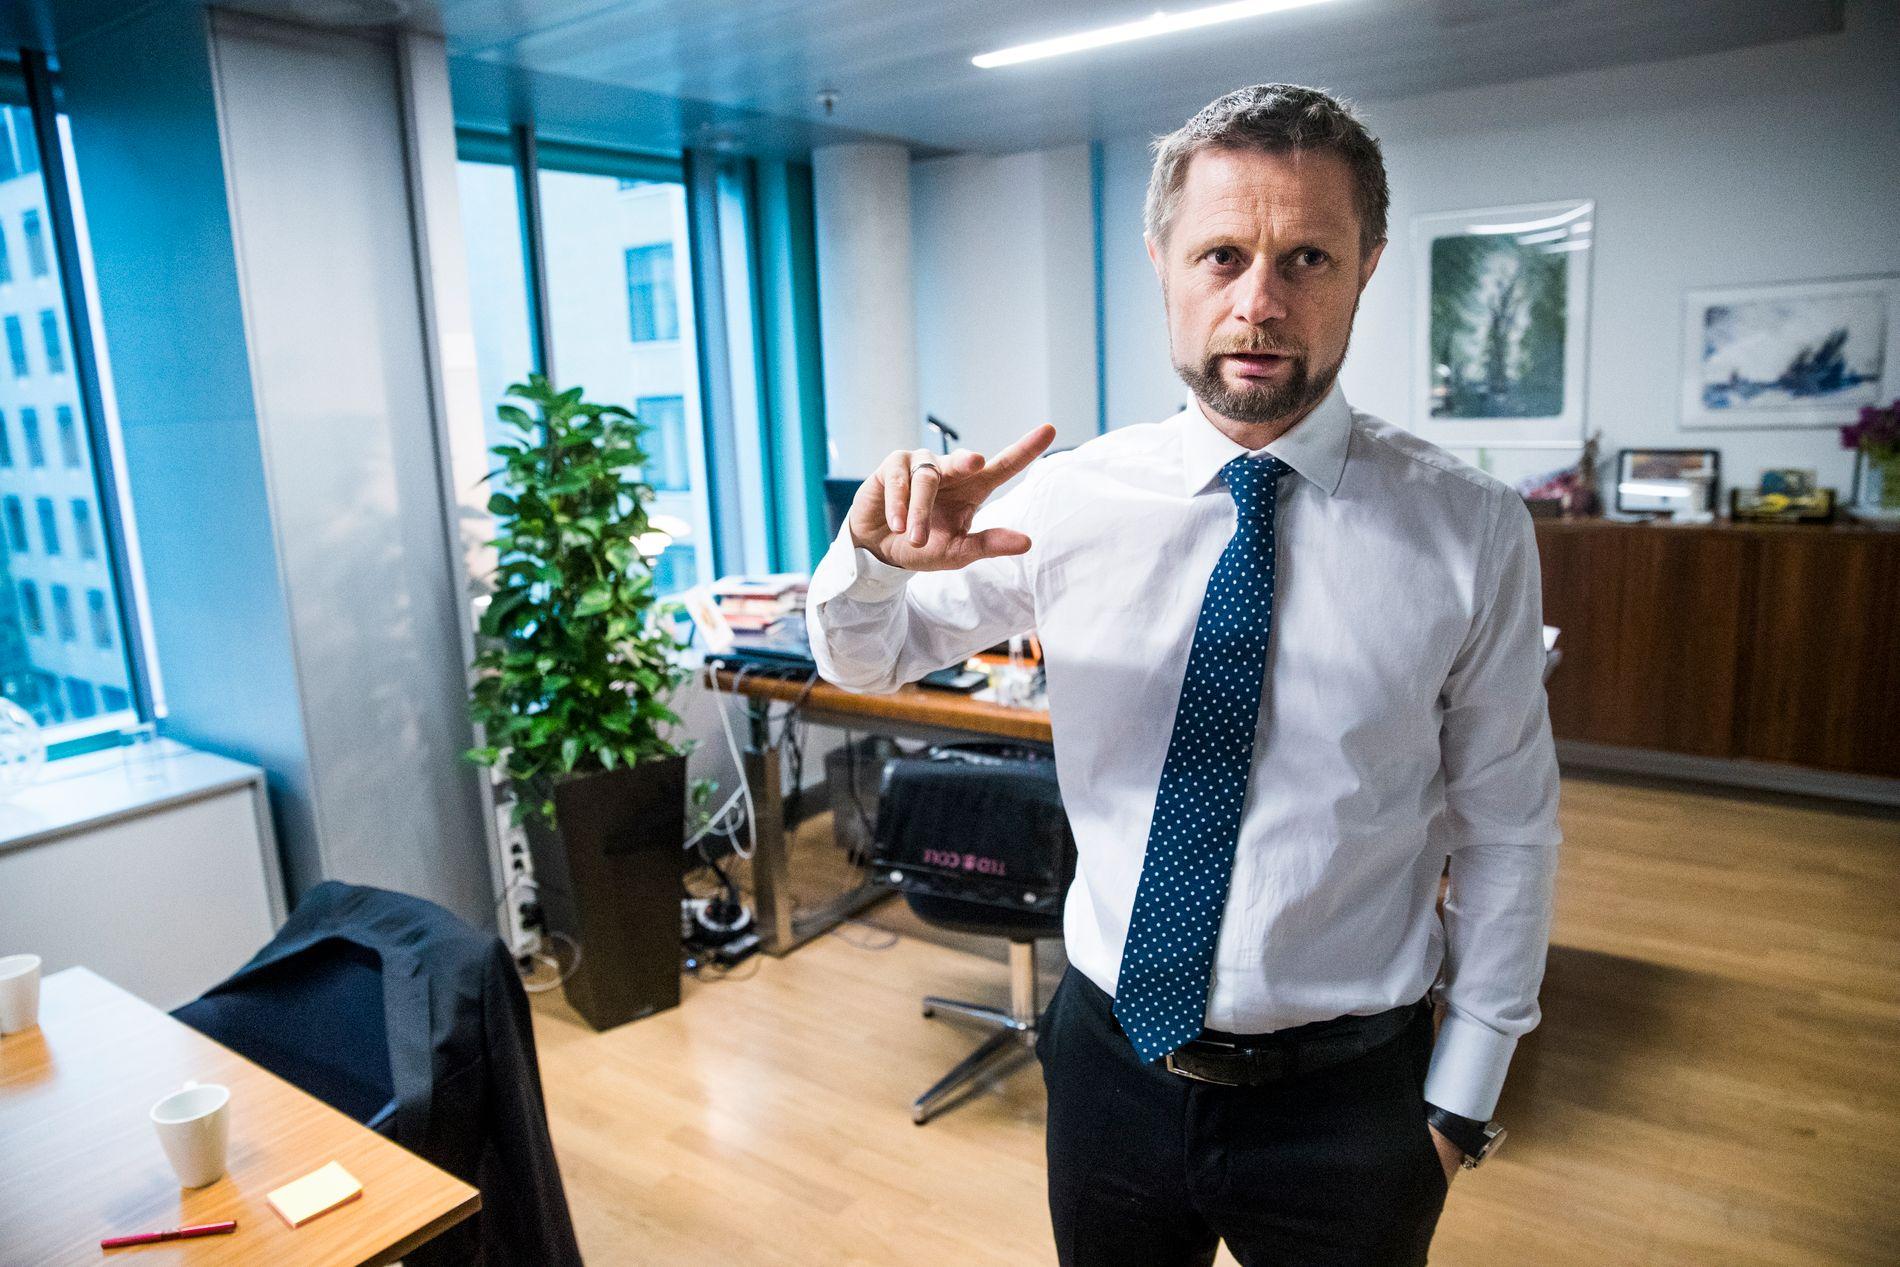 IRRITERT: Helseminister Bent Høie er ikke fornøyd med hvordan sykehusene, regionene og helsedirektoratet har svart på hans oppdrag.